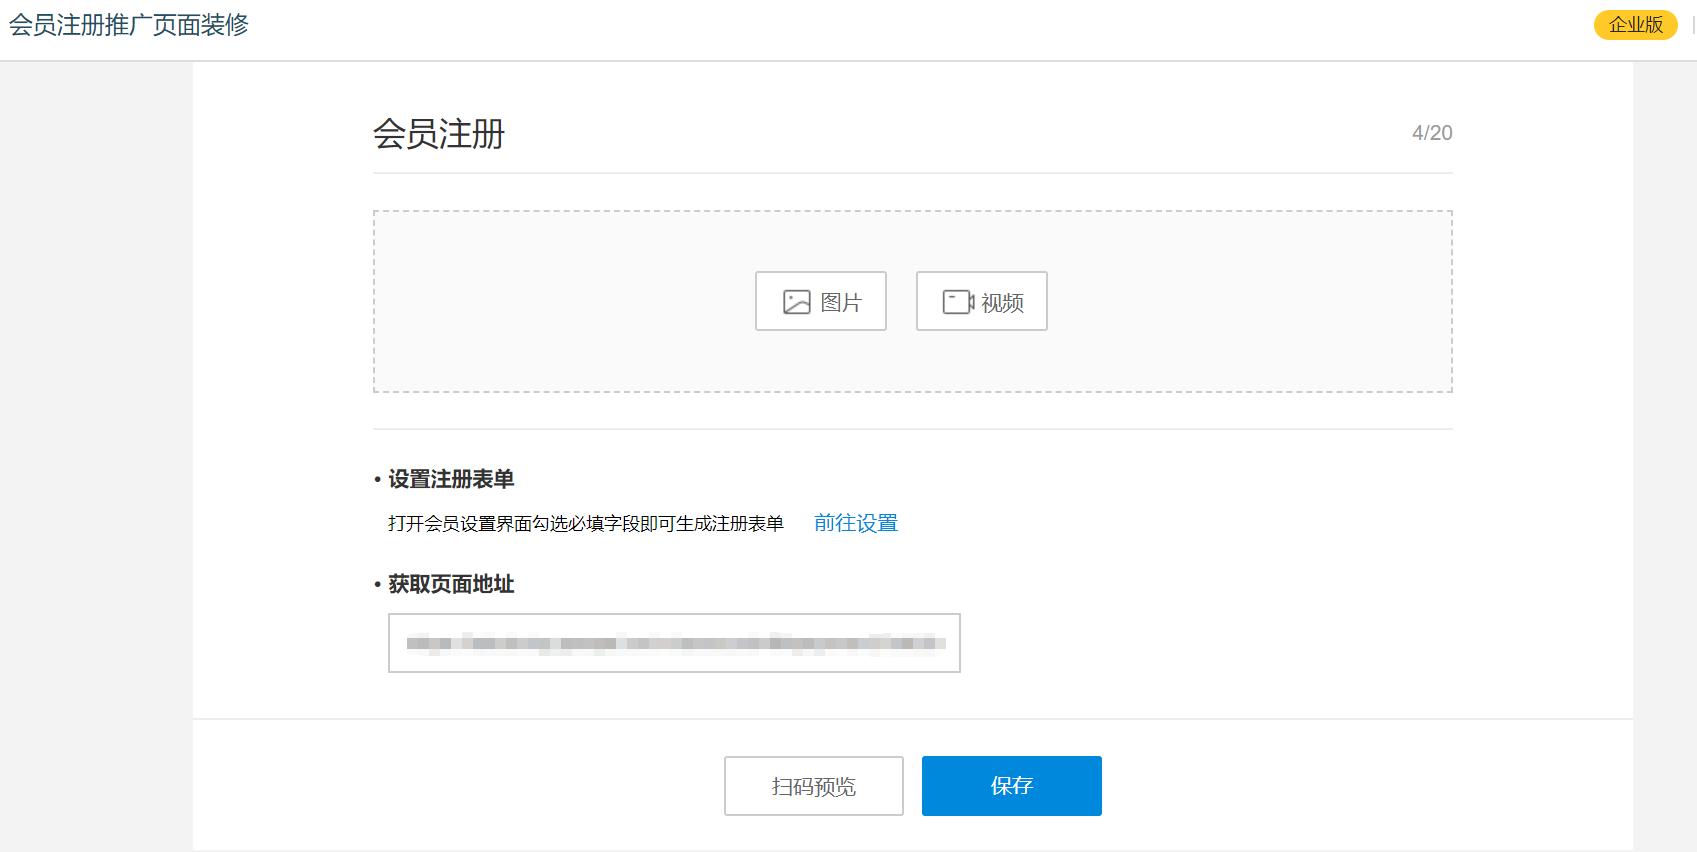 会员注册推广页面装修-银豹博客